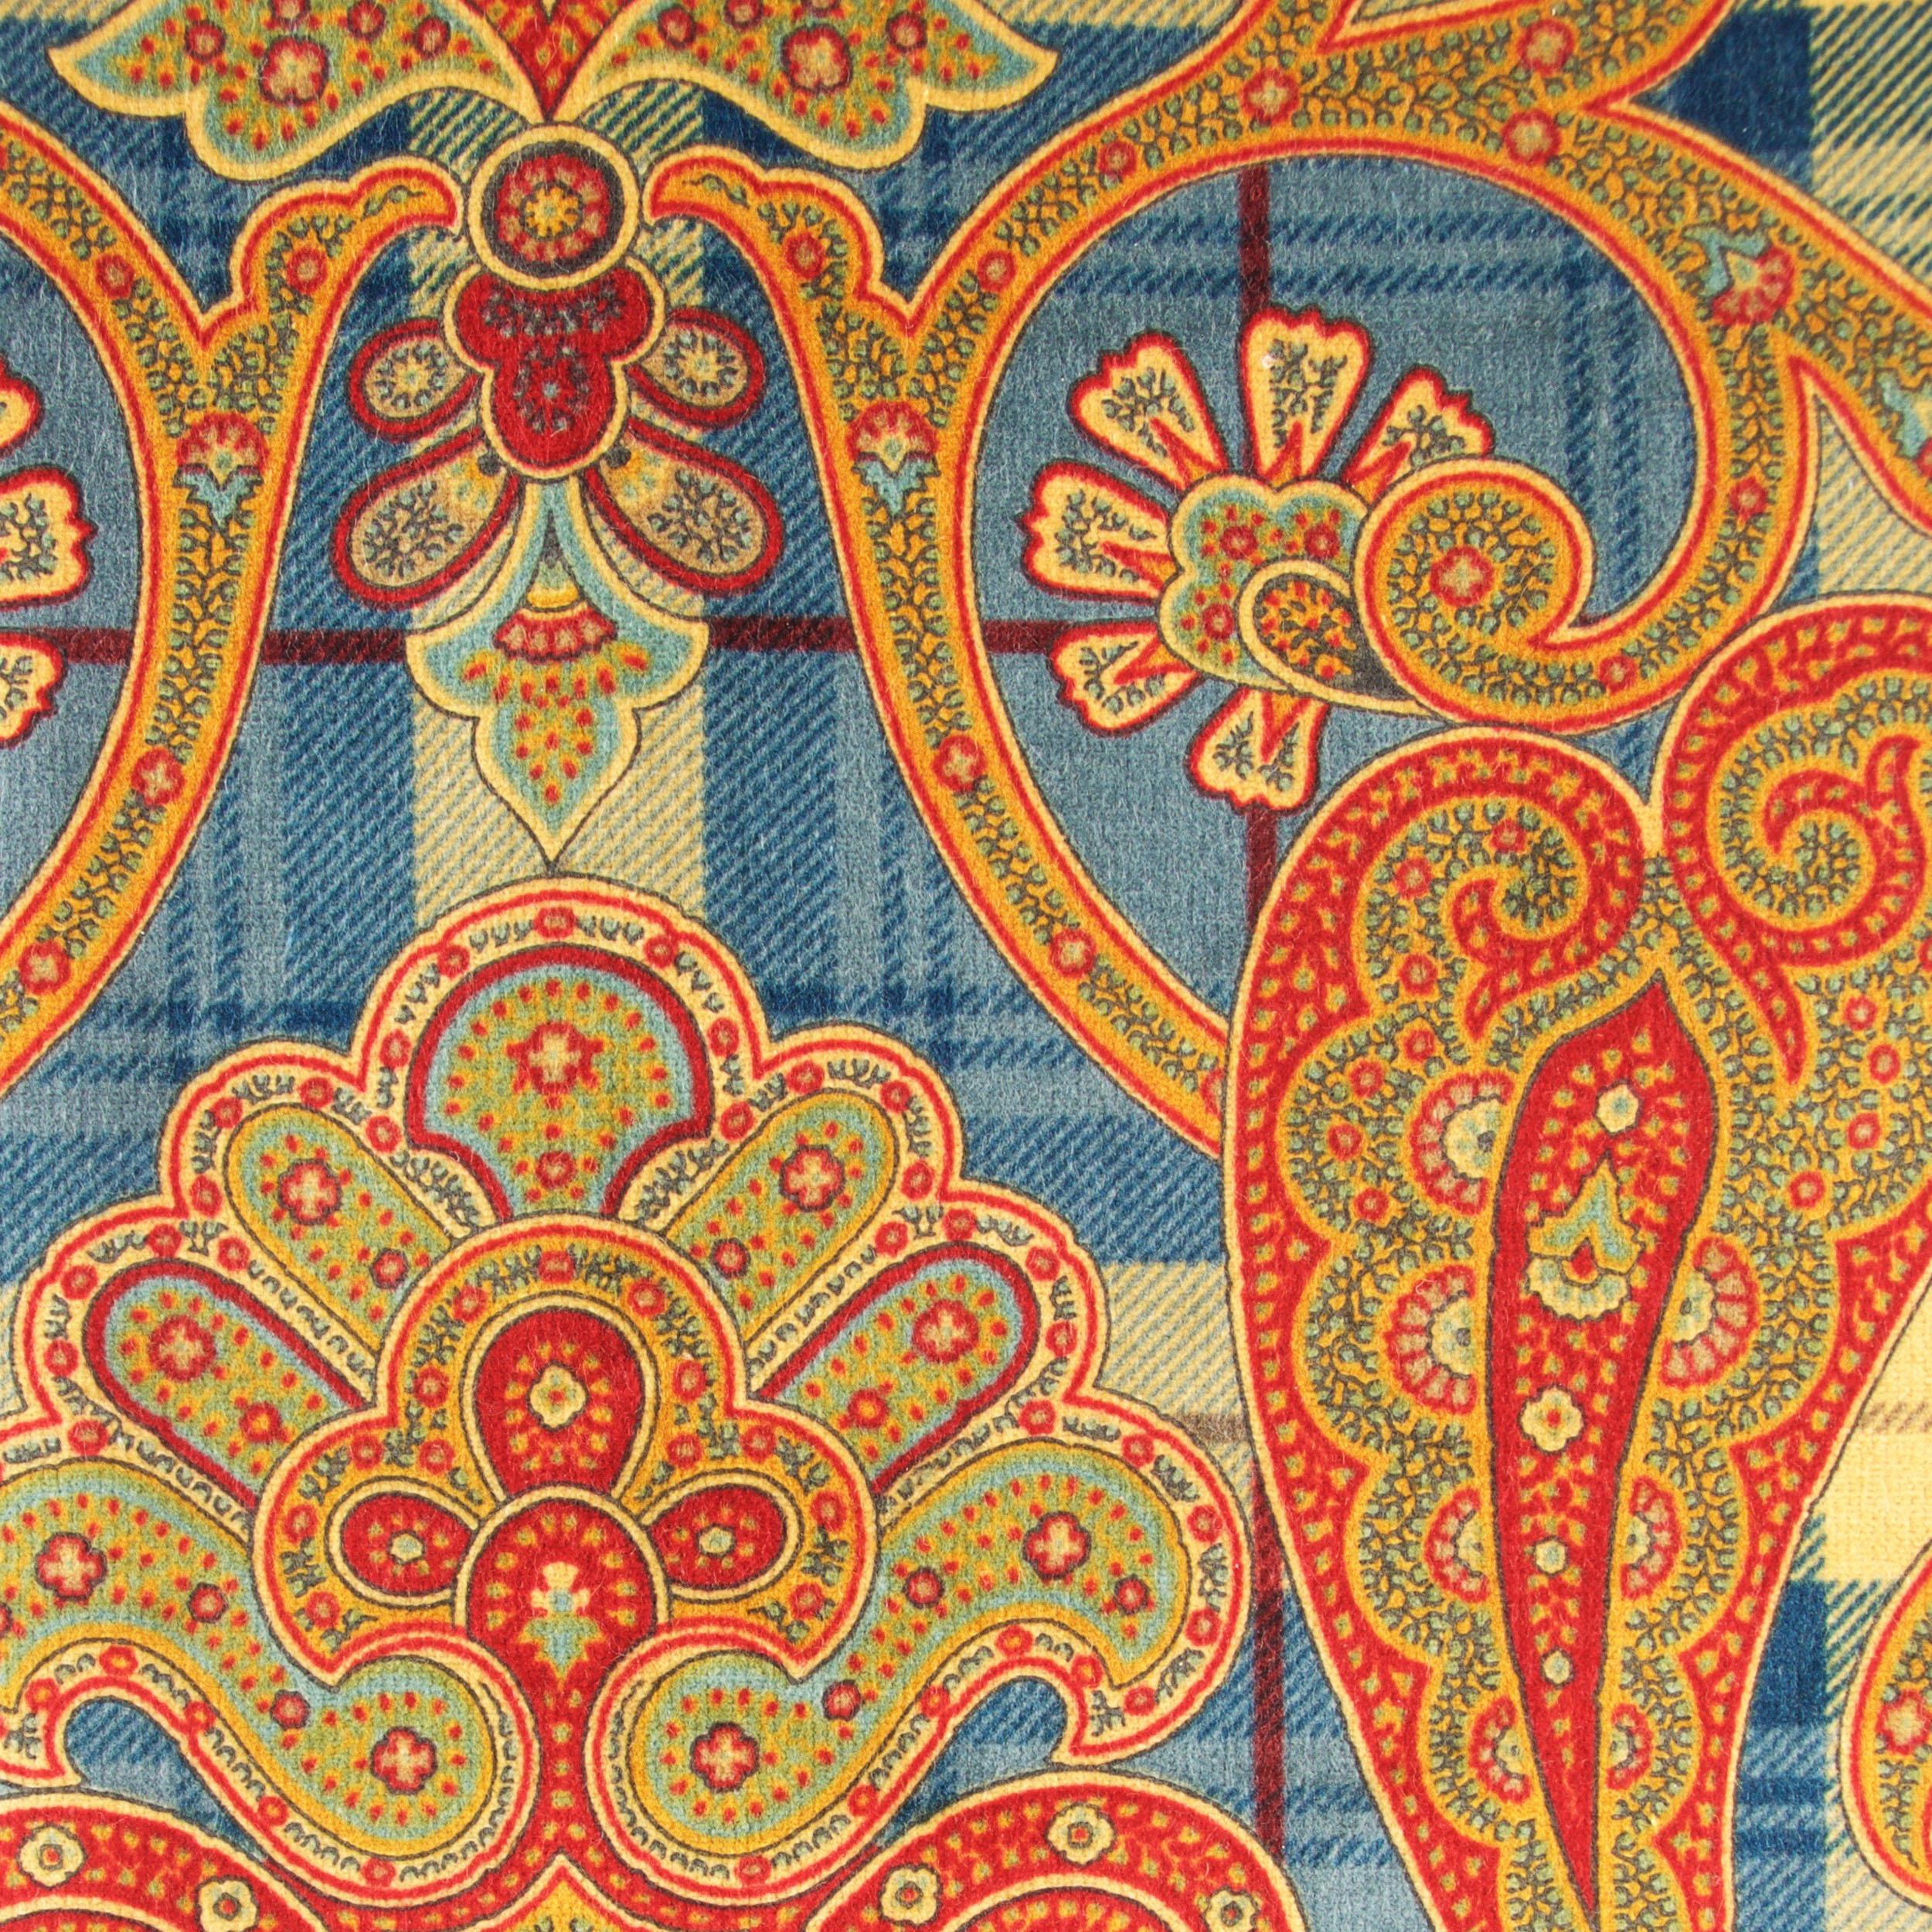 FabricSwatch26.jpg